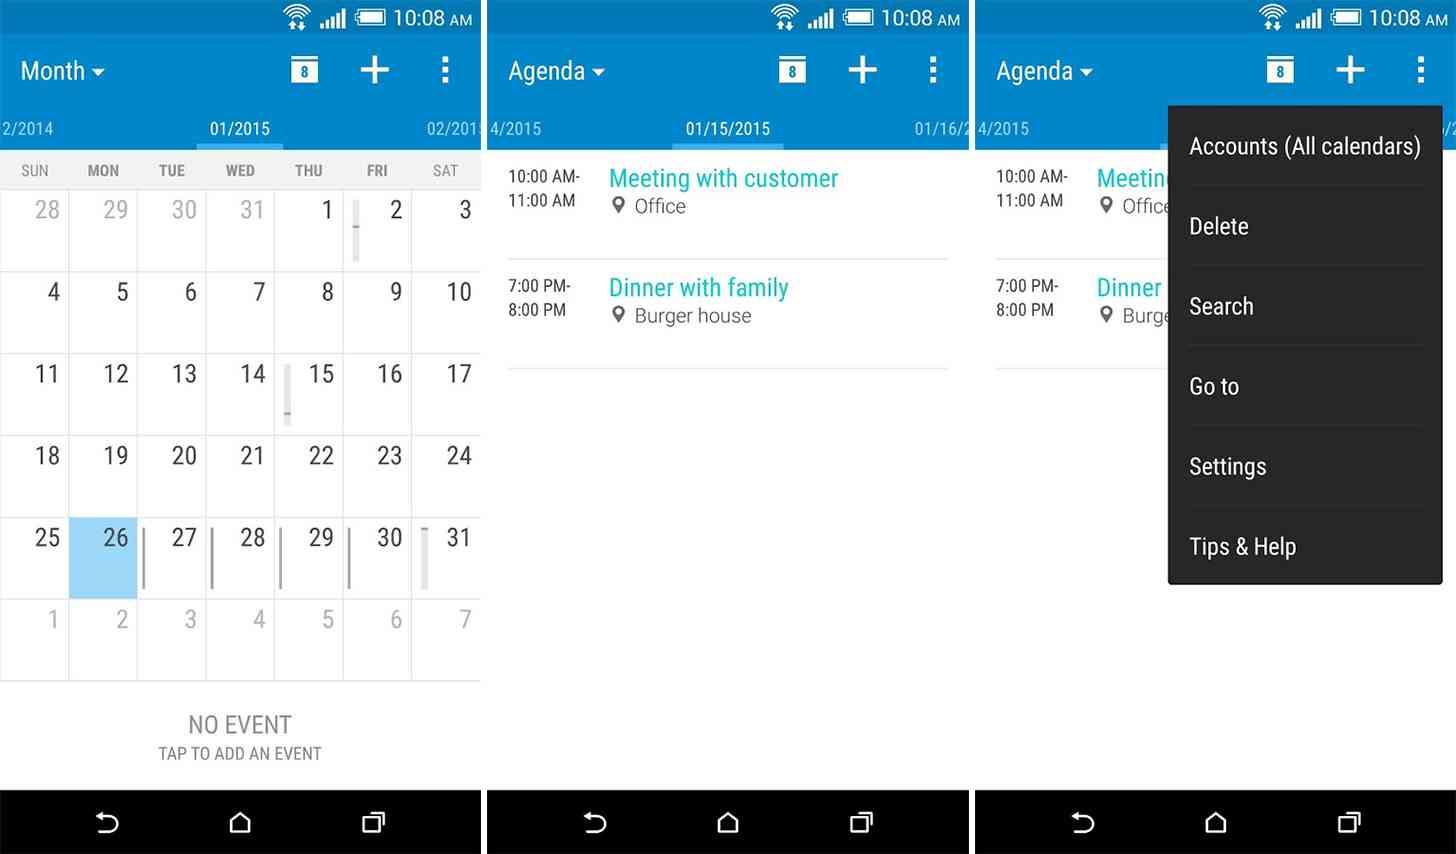 HTC Calendar Android app screenshots